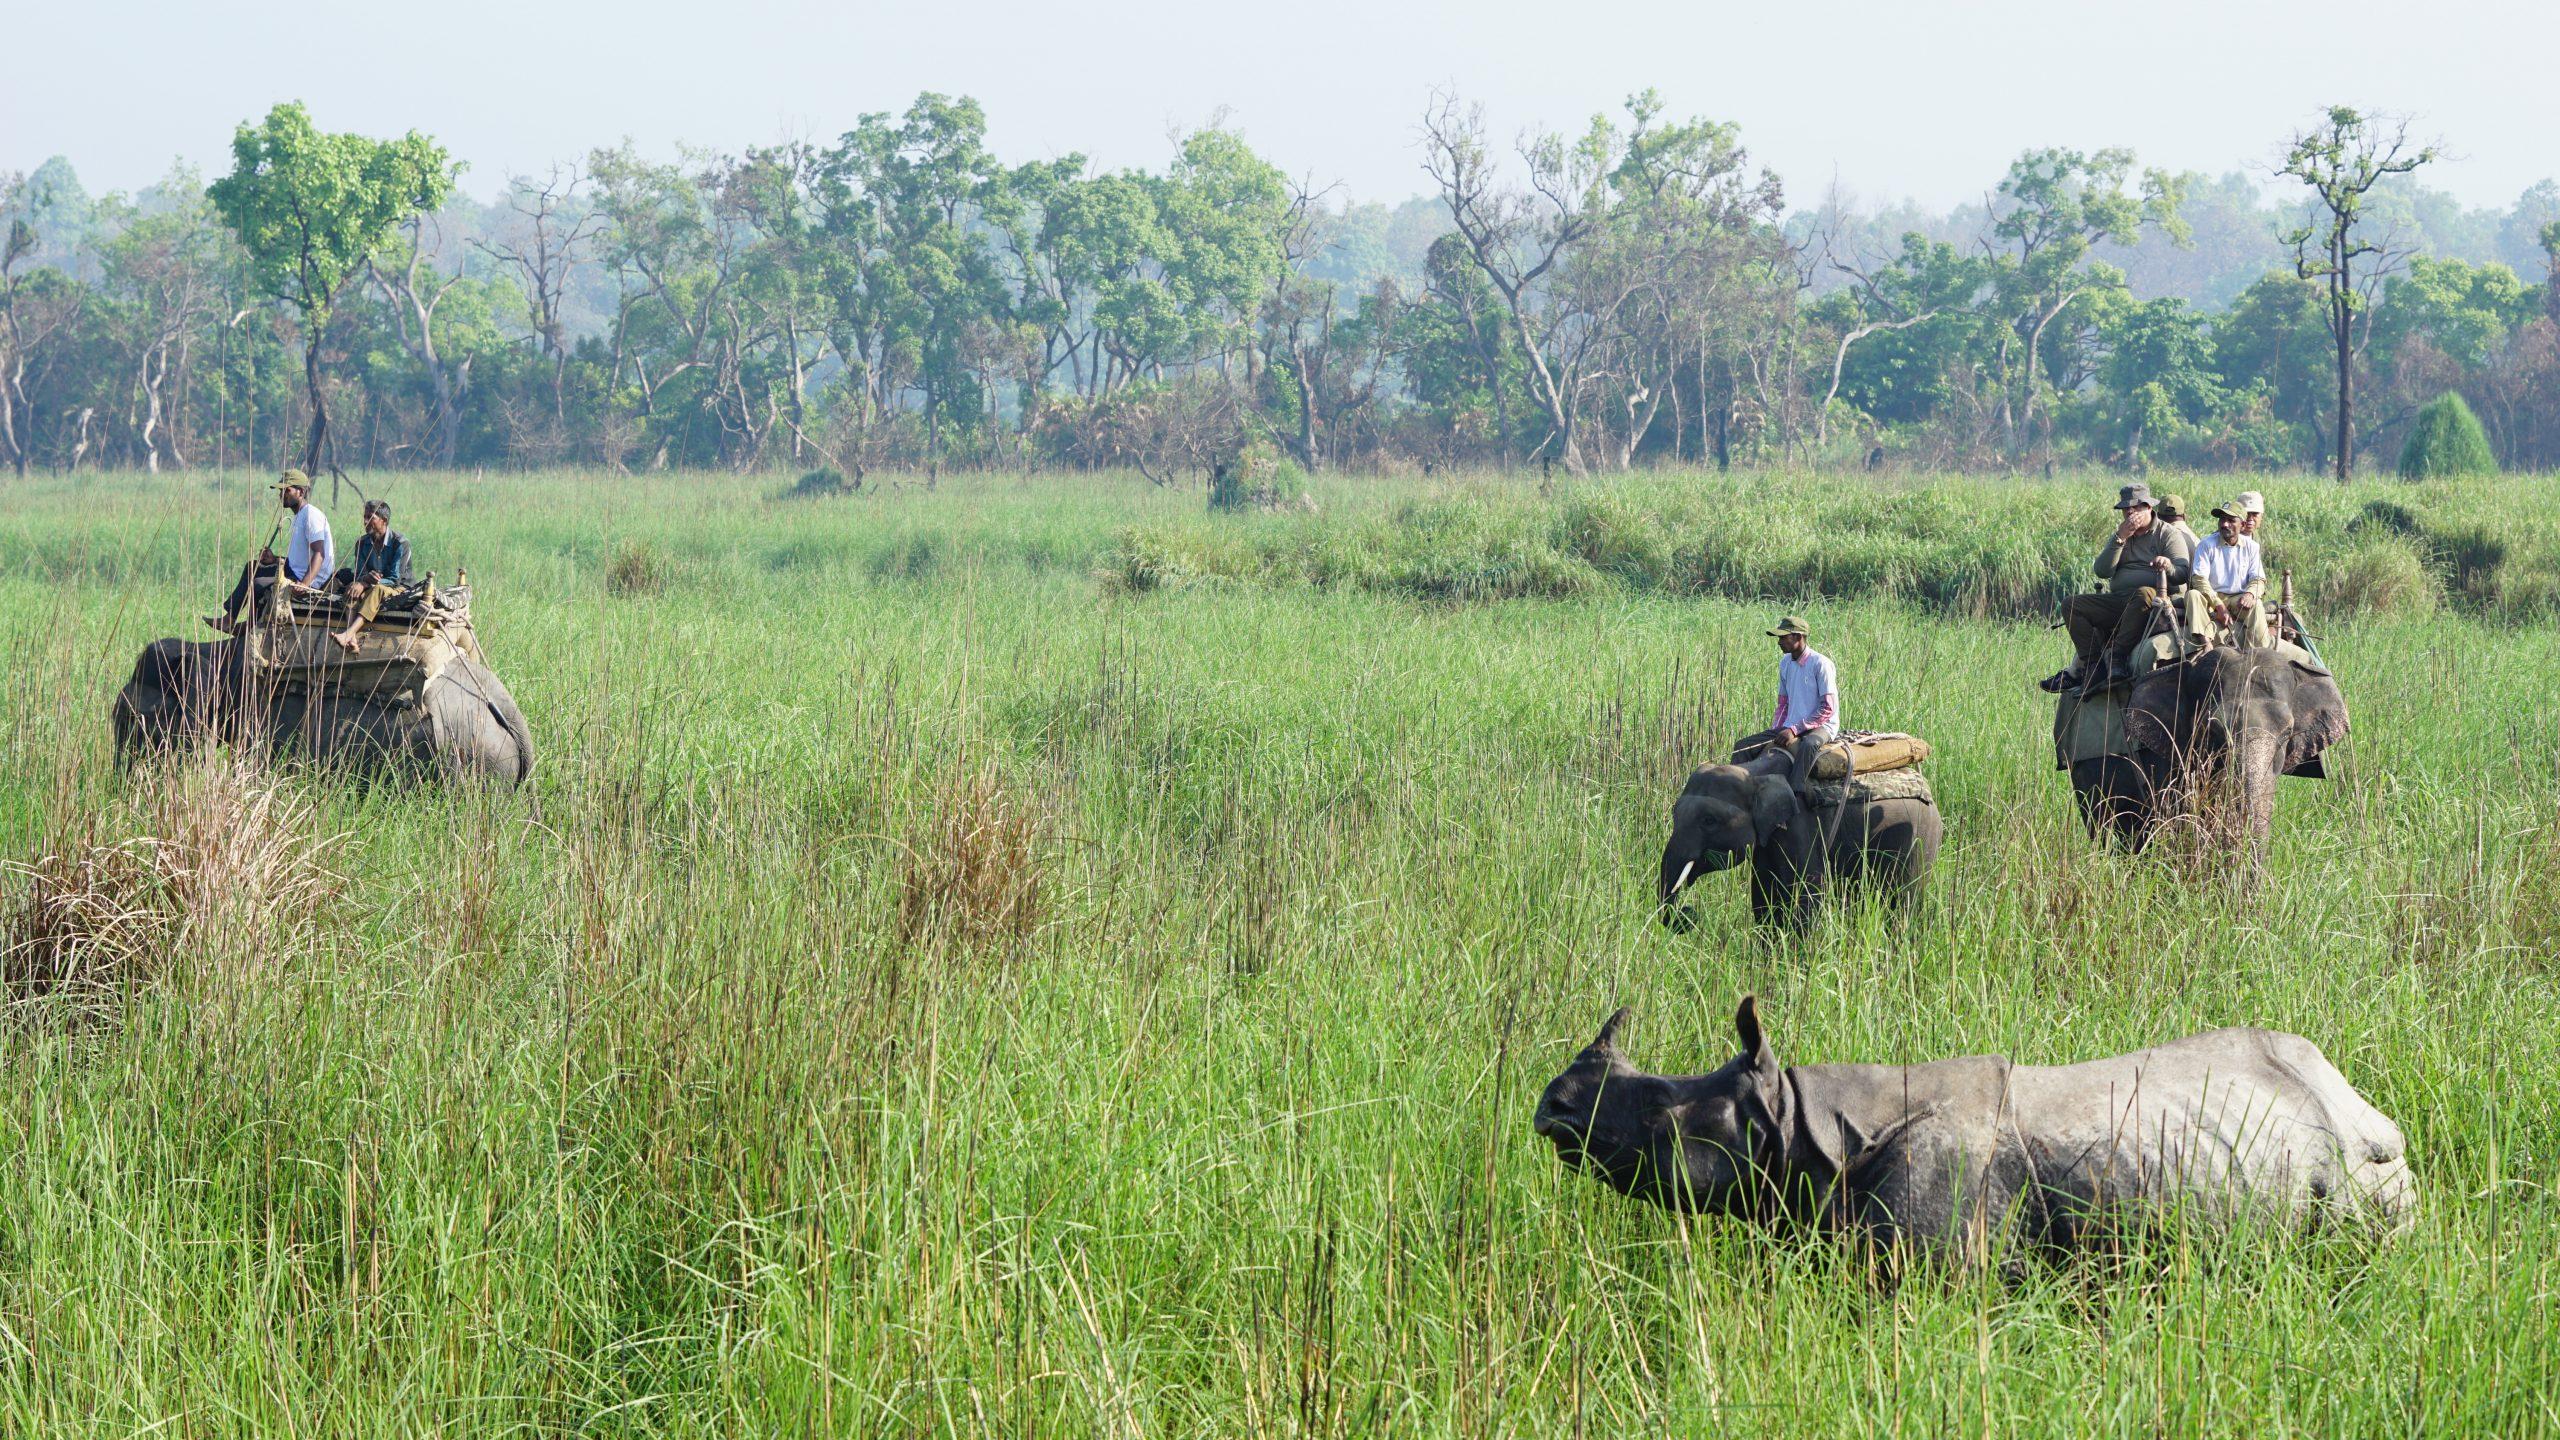 Visit Dudhwa National Park in Uttar Pradesh